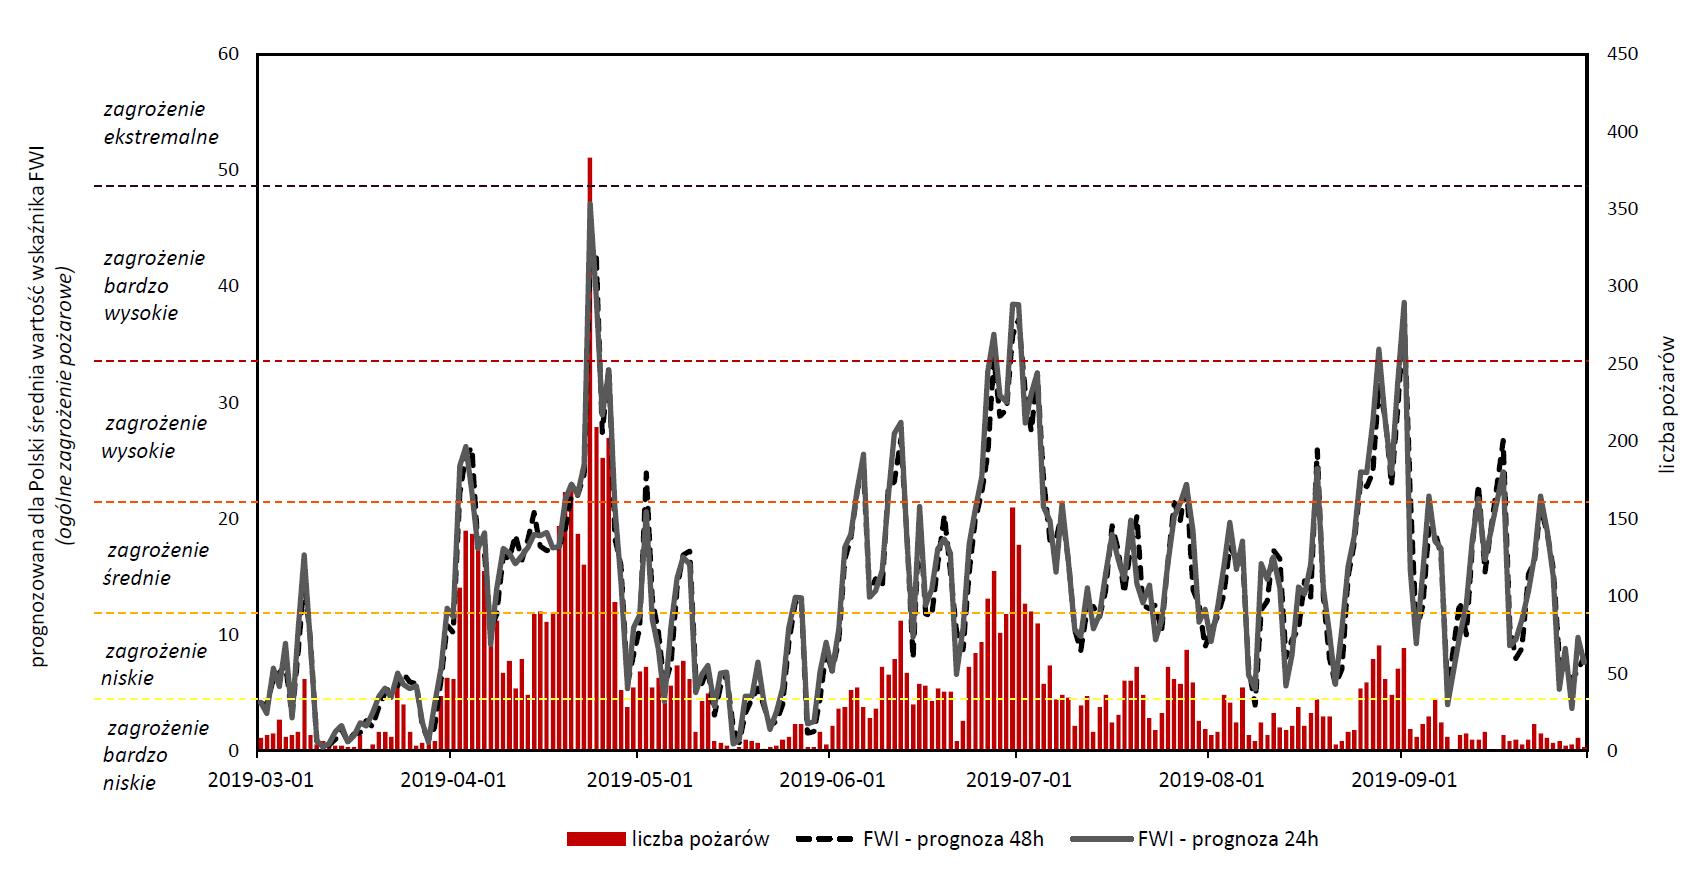 Liczba pożarów lasów a prognozowana dla Polski średnia wartość wskaźnika FWI (ogólne zagrożenie pożarowe); źródło danych o pożarach: Państwowa Straż Pożarna.